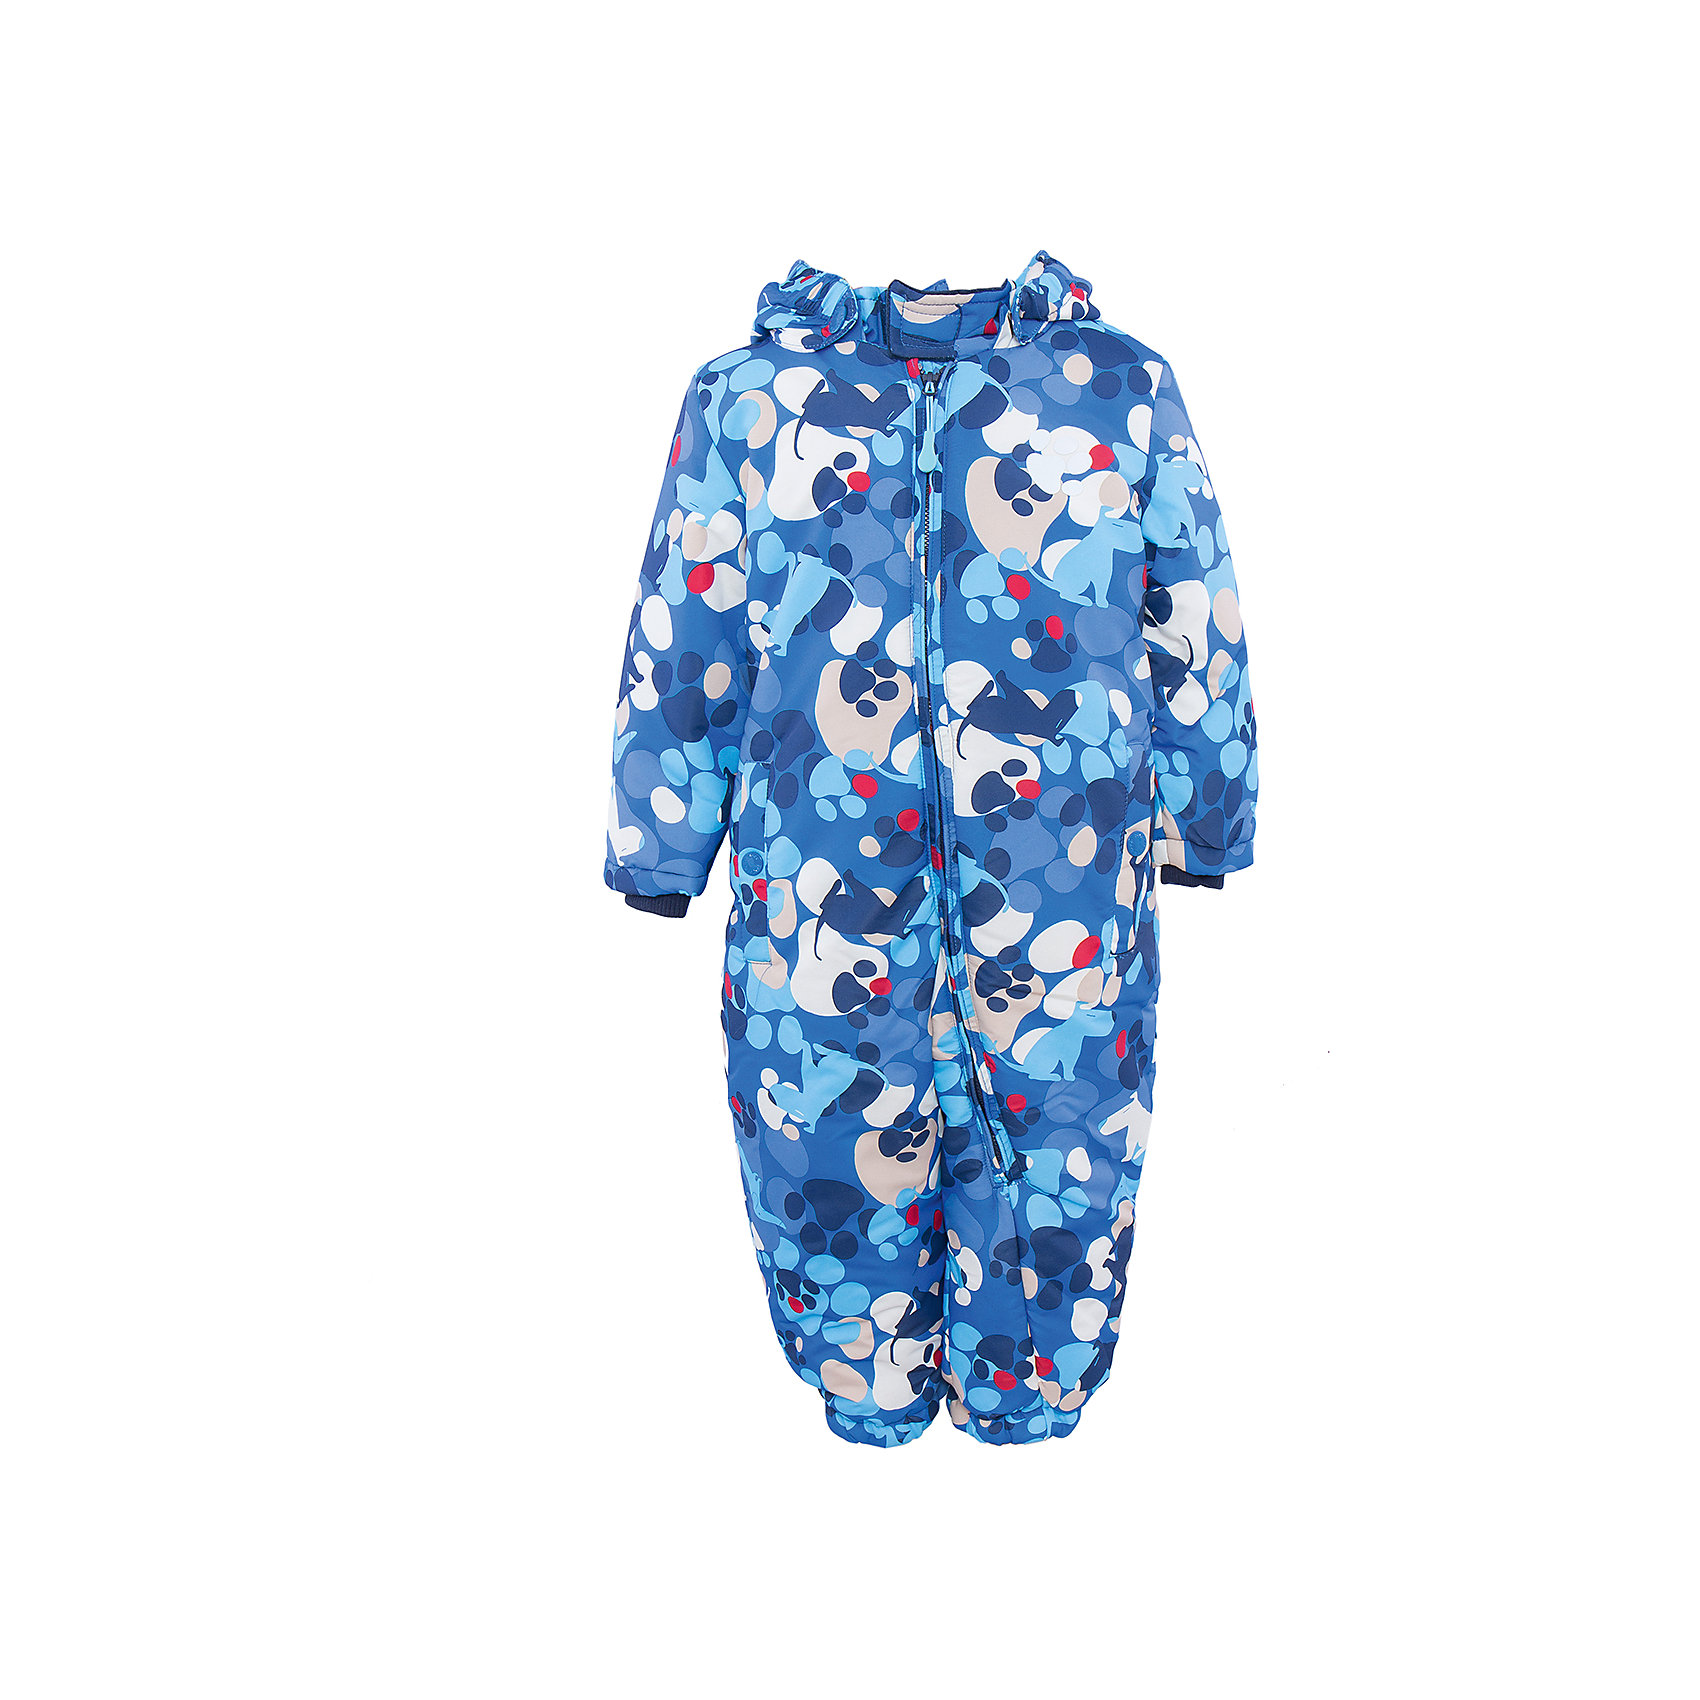 Комбинезон для мальчика PlayTodayВерхняя одежда<br>Комбинезон для мальчика от известного бренда PlayToday.<br>Уютный теплый комбинезон с отстегивающимся капюшоном и забавным принтом - собачками и собачьими следами. Застегивается на молнию. Внутри стеганая велюровая подкладка темно-синего цвета. Рукава на мягкой трикотажной резинке для защиты от ветра. Низ штанишек на резинке. Есть два функциональных кармана на кнопках и светоотражатели. Специальная отстегивающаяся резинка на пуговицах позволяет закреплять комбинезон под обувью.<br>Состав:<br>Верх: 100% полиэстер, подкладка: 80% хлопок, 20% полиэстер, Утеплитель 100% полиэстер, 300 г/м2<br><br>Ширина мм: 157<br>Глубина мм: 13<br>Высота мм: 119<br>Вес г: 200<br>Цвет: разноцветный<br>Возраст от месяцев: 12<br>Возраст до месяцев: 15<br>Пол: Мужской<br>Возраст: Детский<br>Размер: 80,74,86,92<br>SKU: 4900875